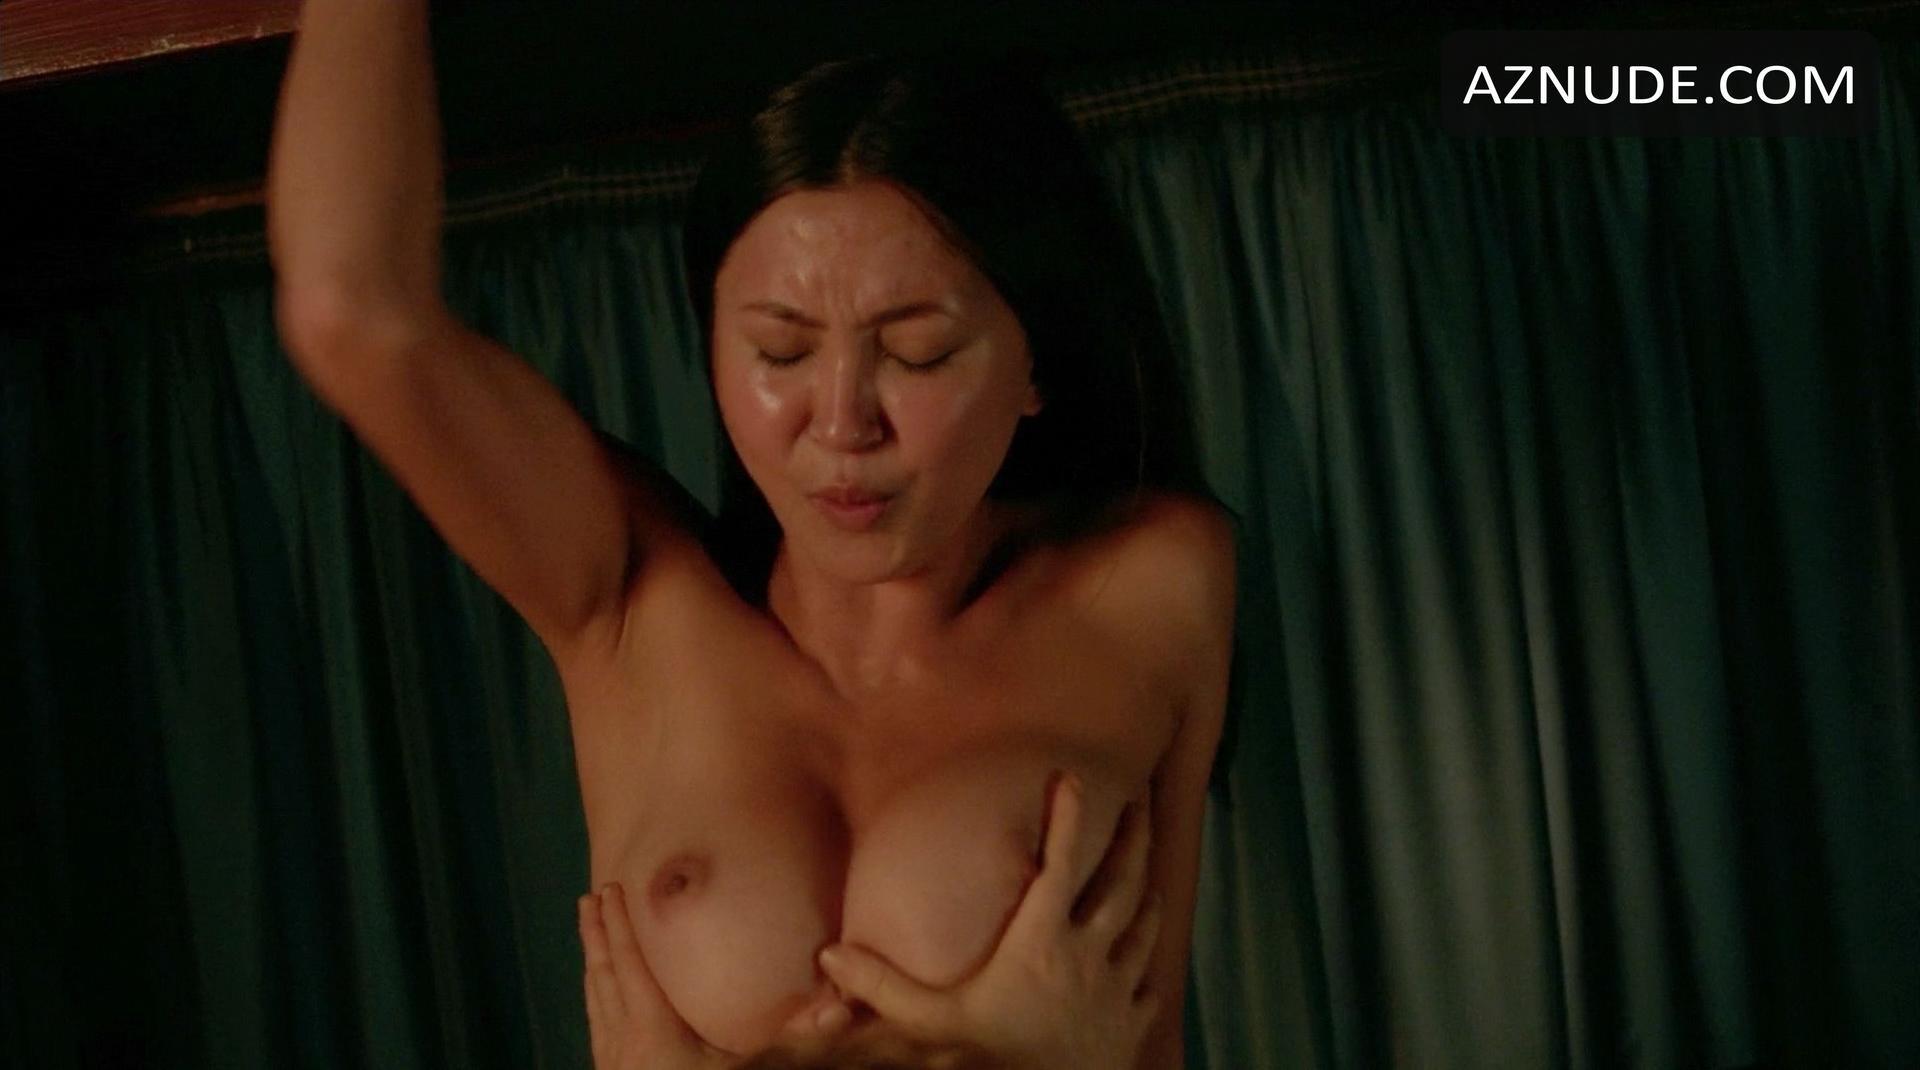 nudes sex